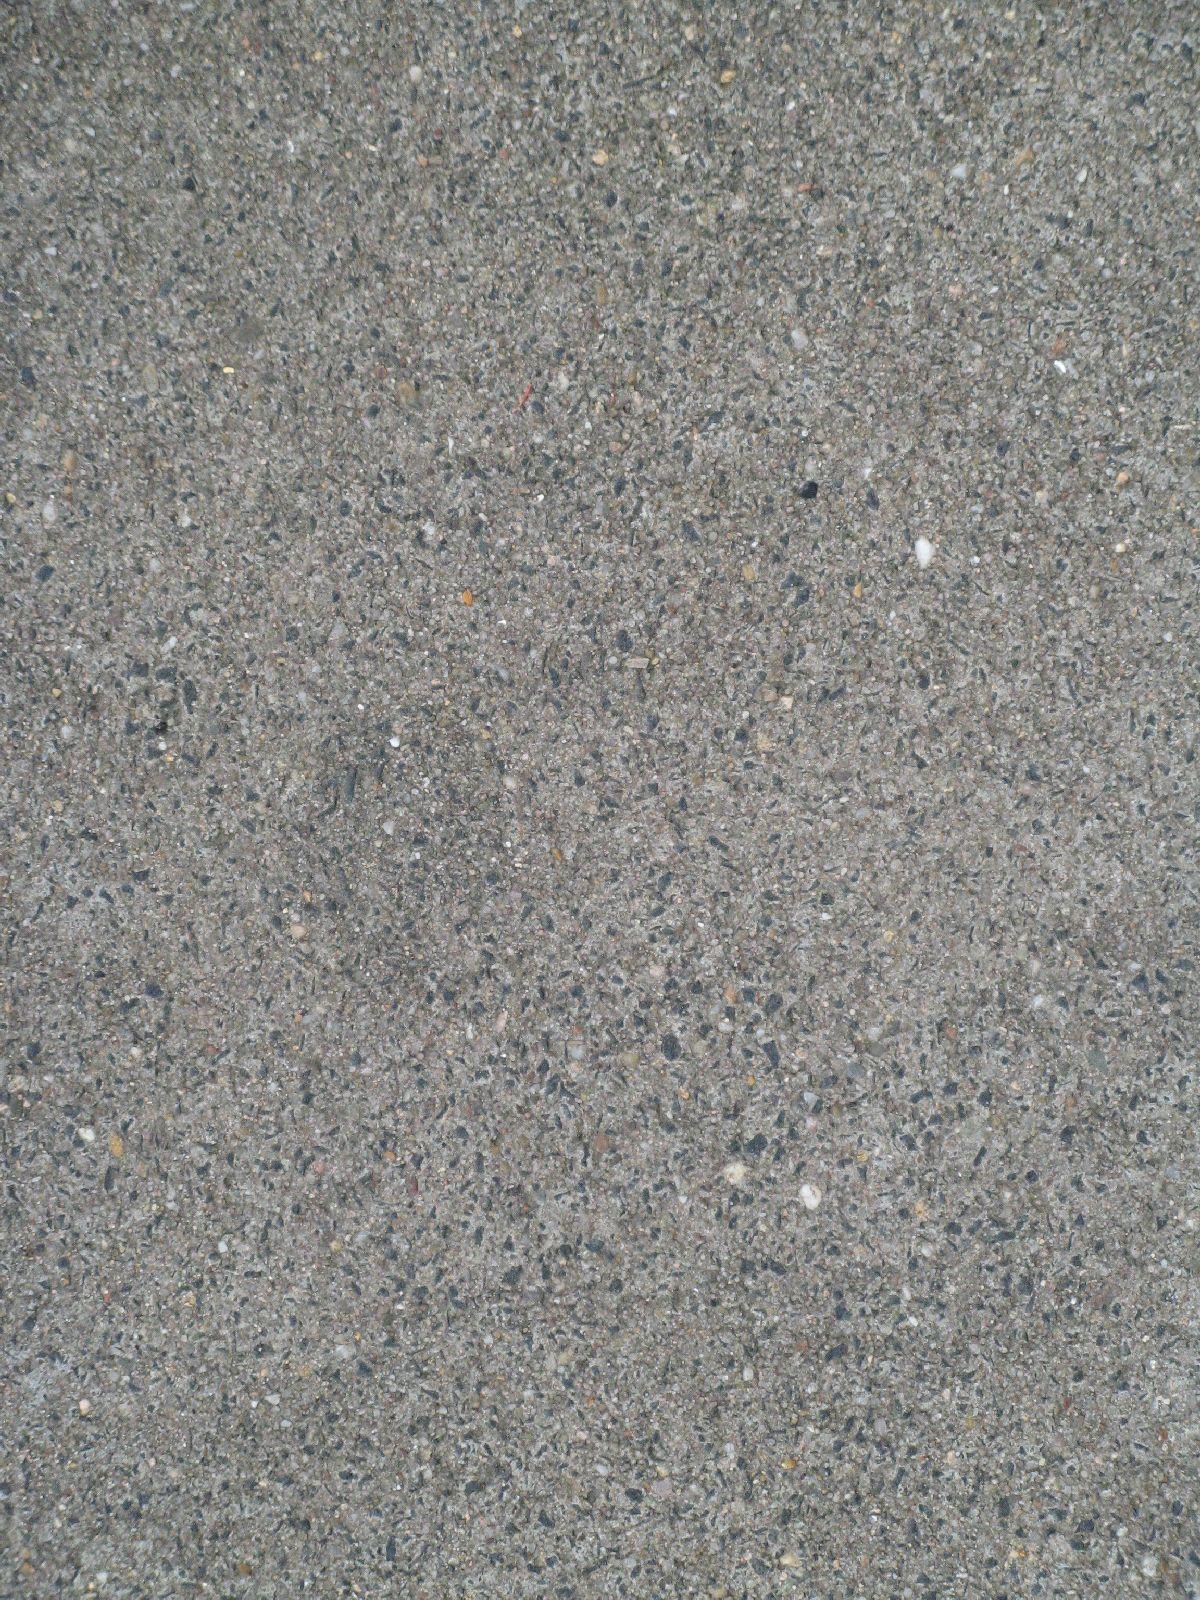 Ground-Urban_Texture_B_02347